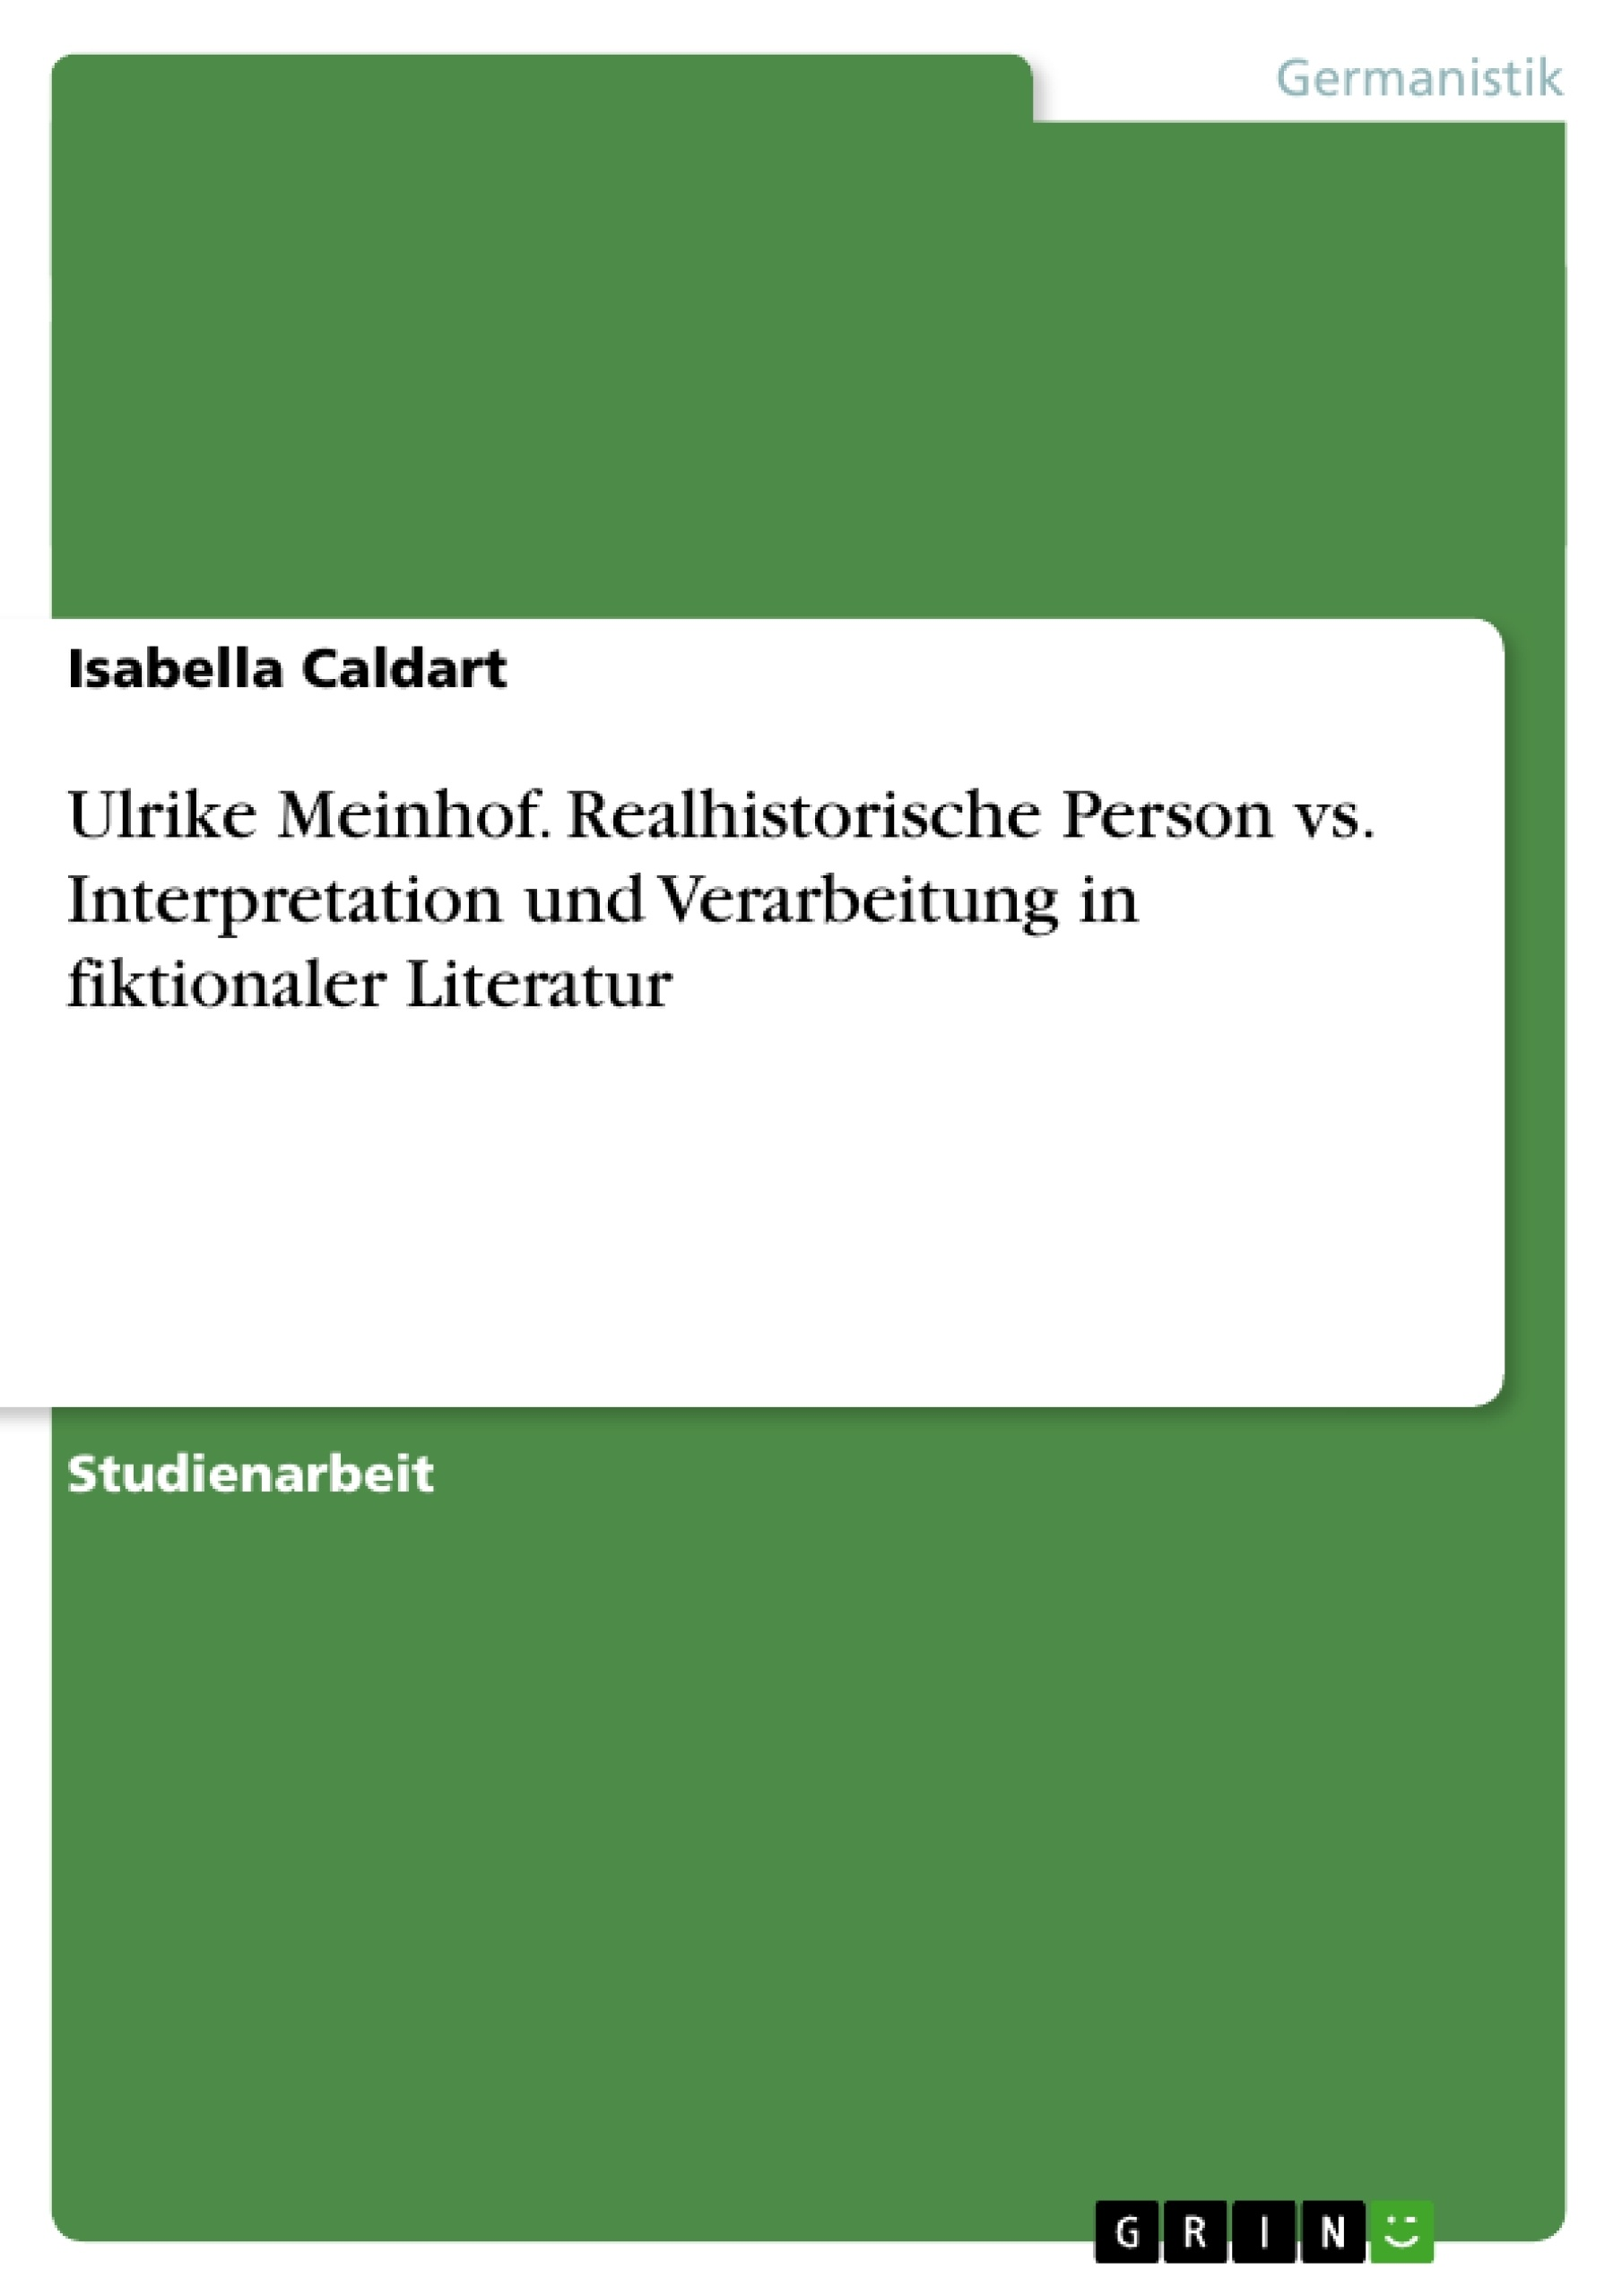 Titel: Ulrike Meinhof. Realhistorische Person vs. Interpretation und Verarbeitung in fiktionaler Literatur